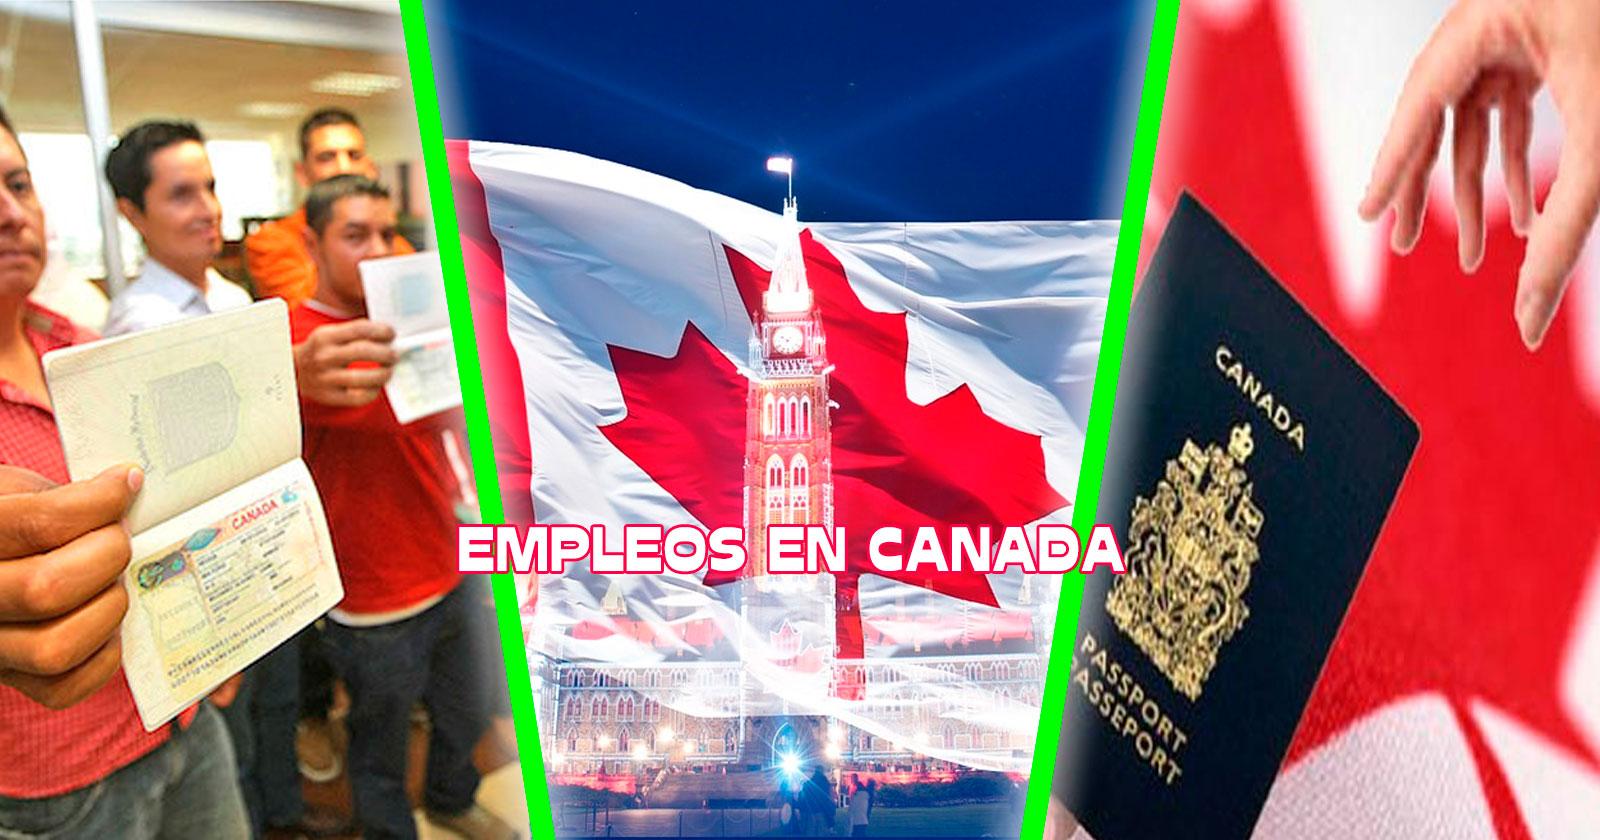 15+ Vacante De Trabajo En Canada Pics